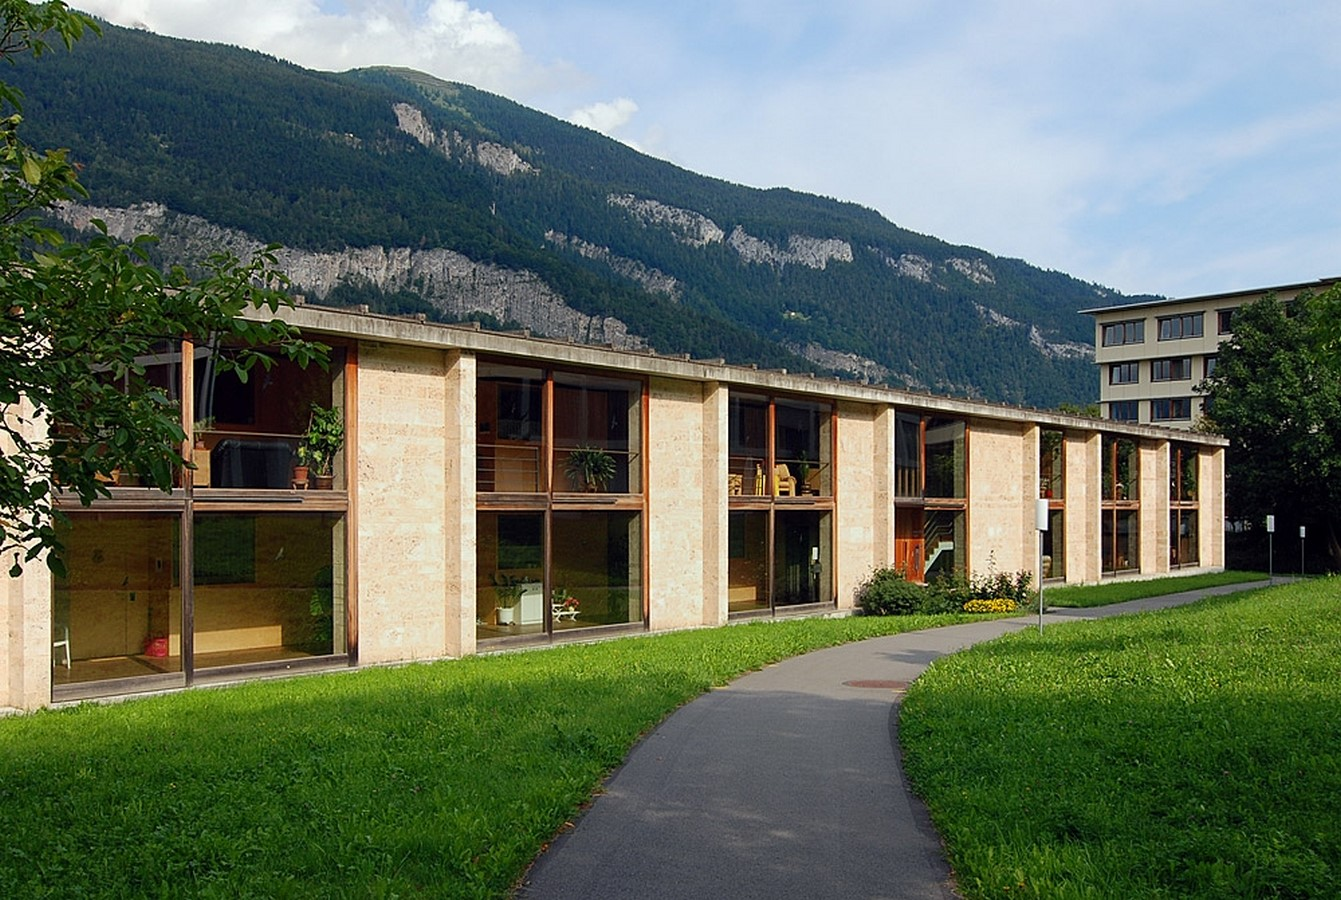 Home for Senior Citizens, Chur, Switzerland (1993) - Sheet1